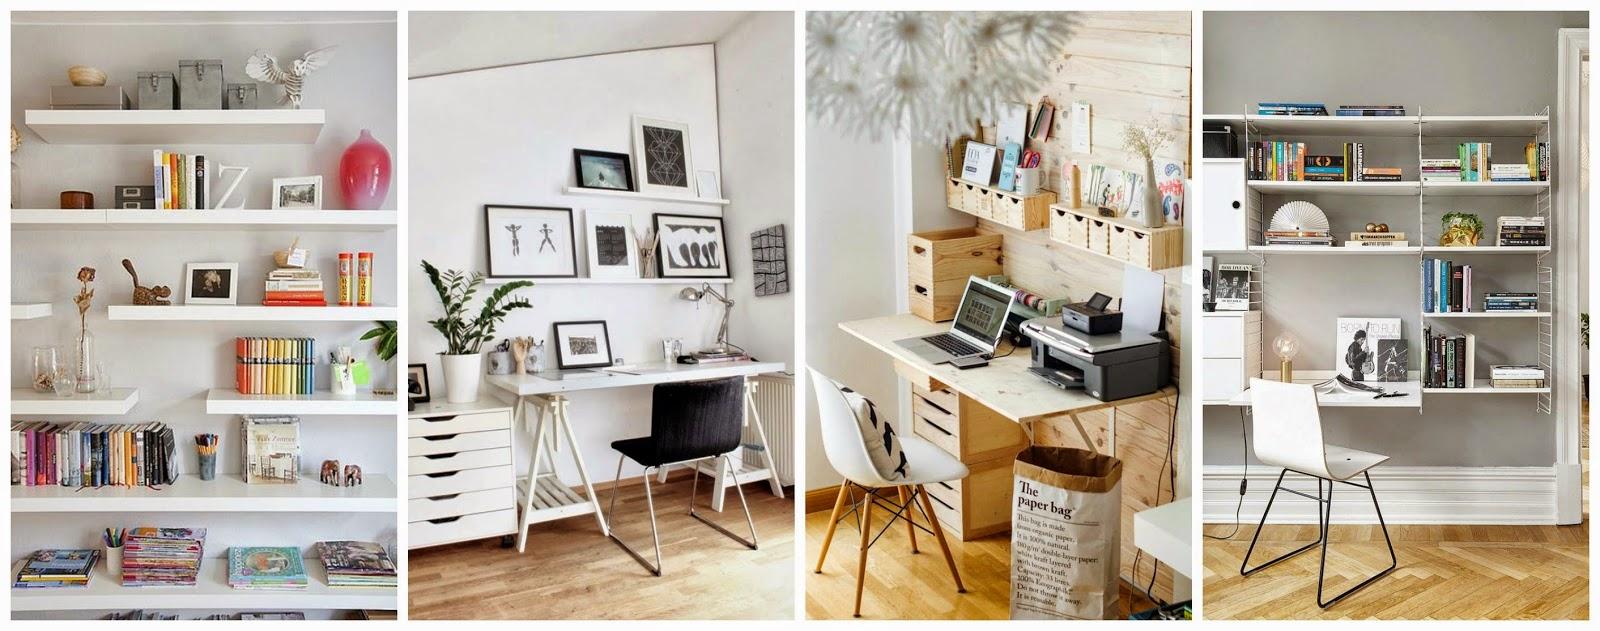 Femmelien 5 x bureau decoratie for Ladeblok voor op bureau